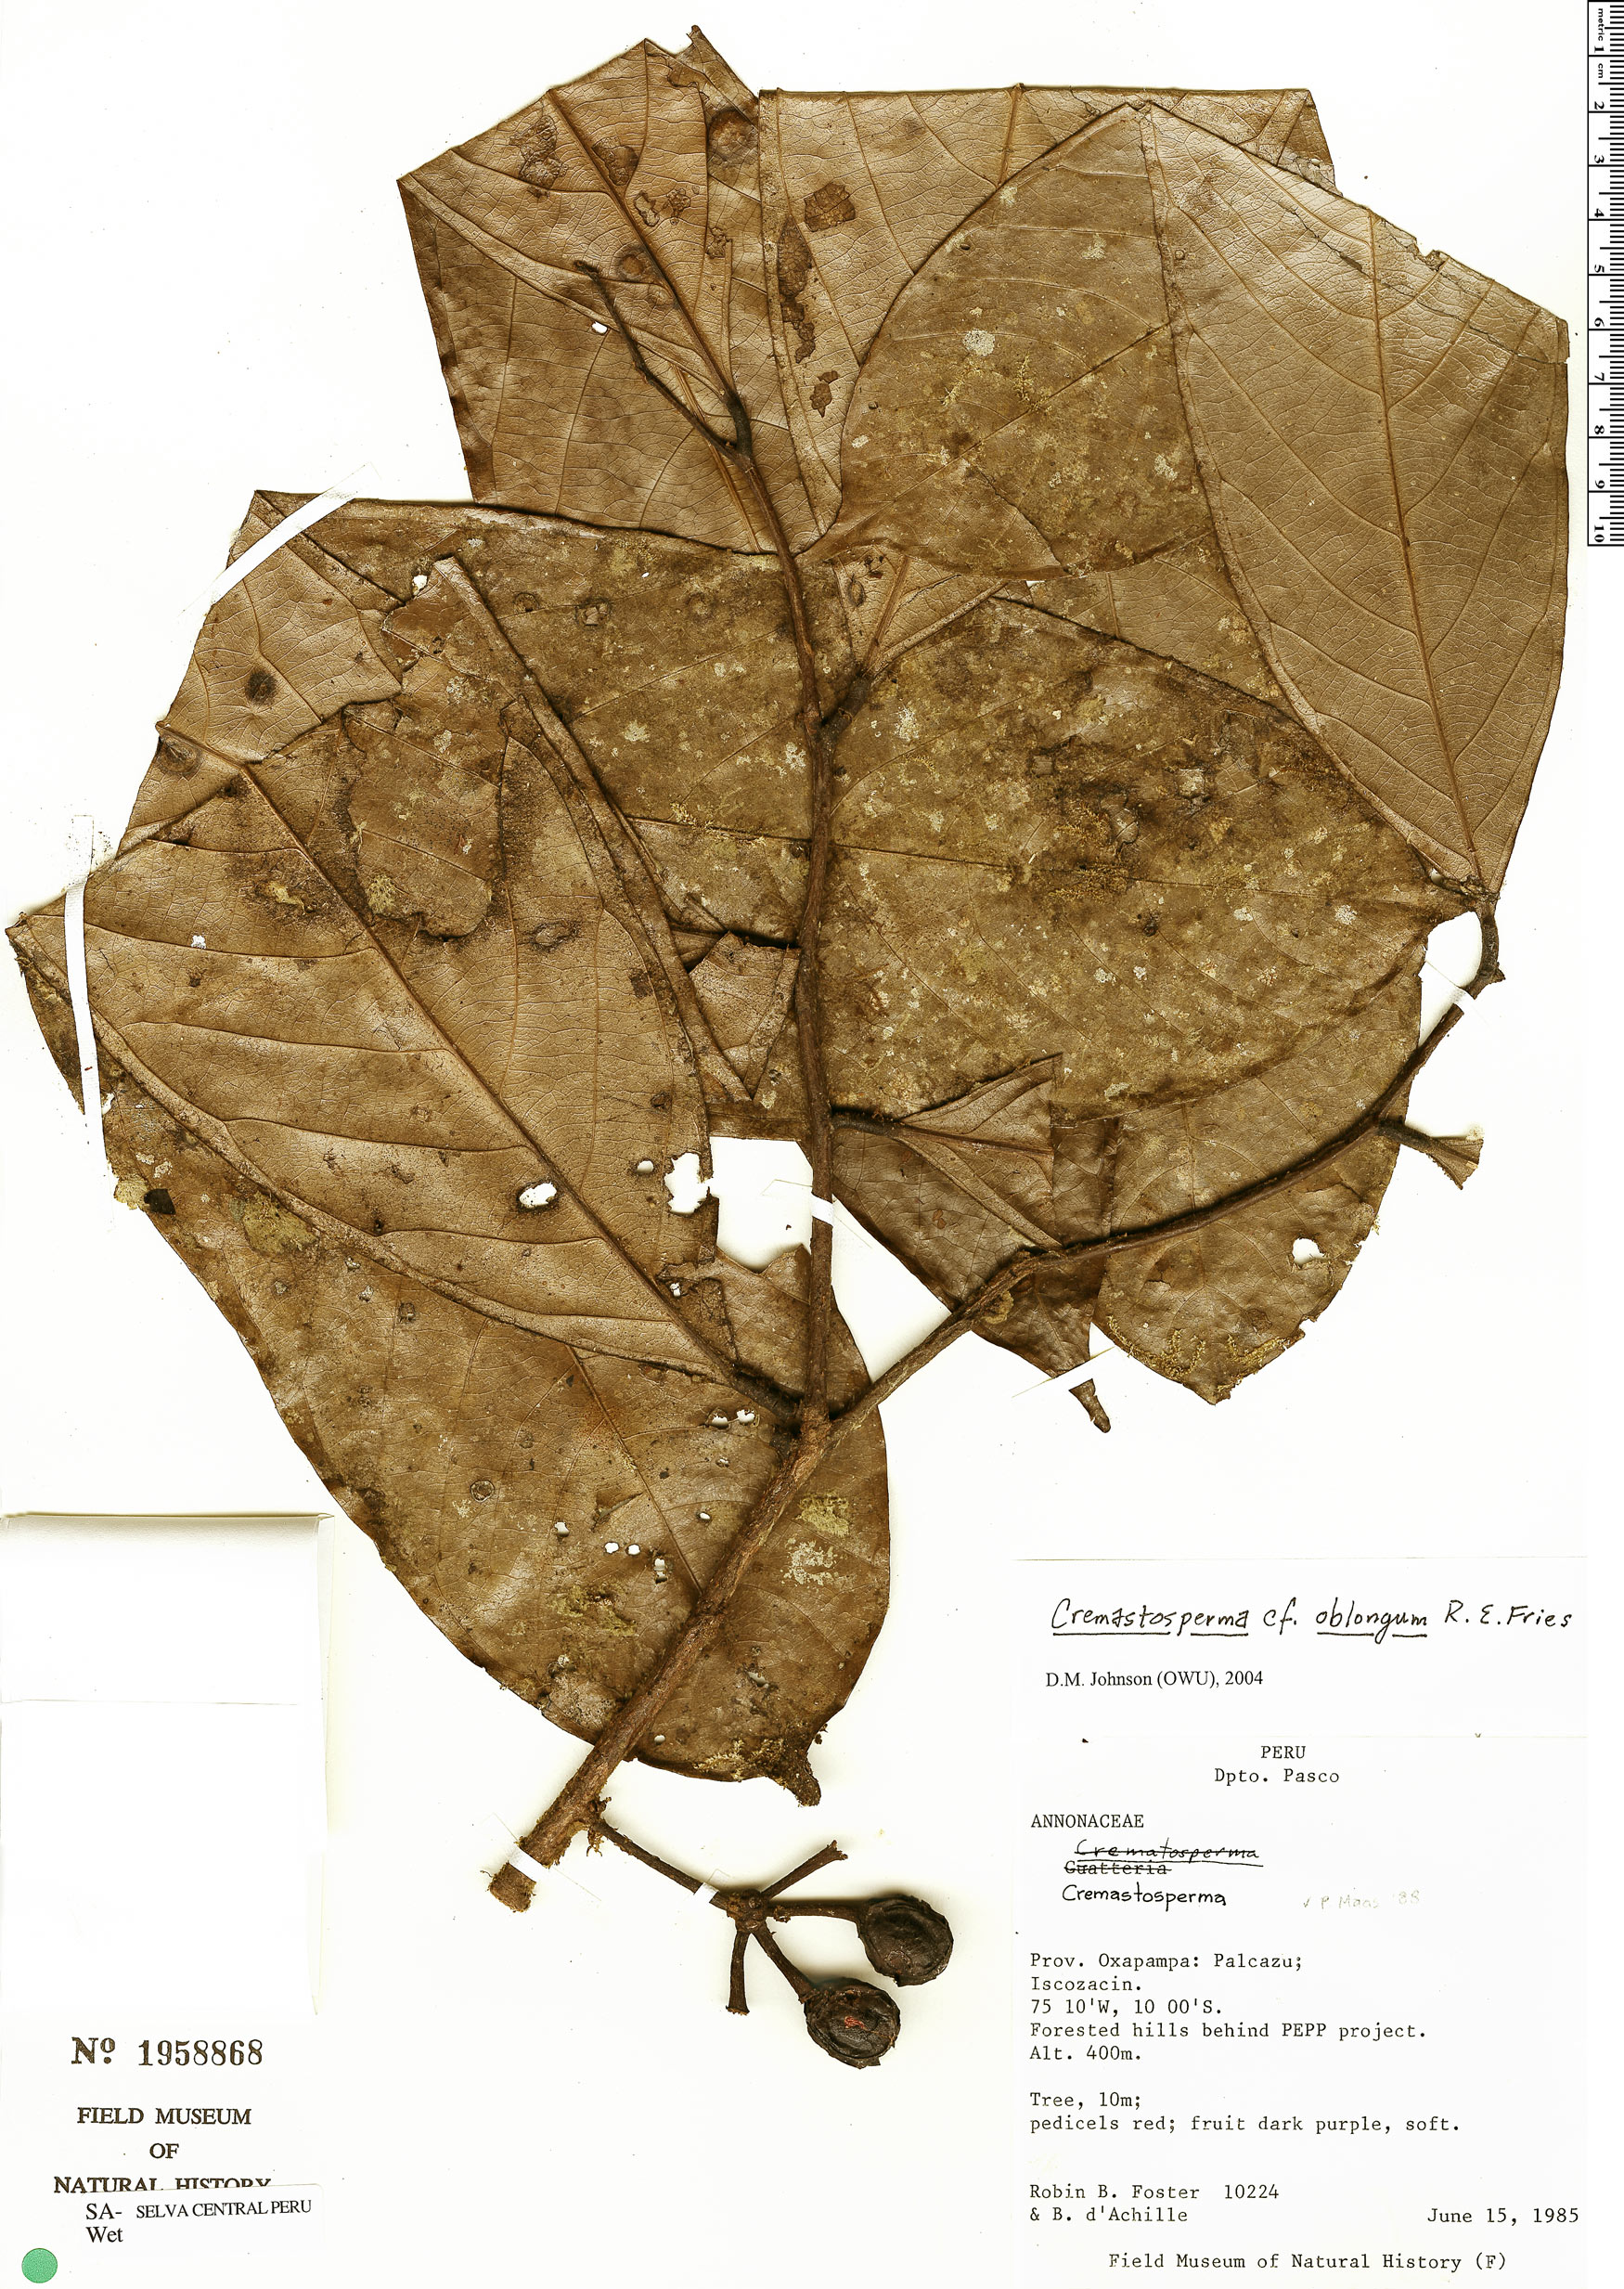 Espécime: Cremastosperma oblongum